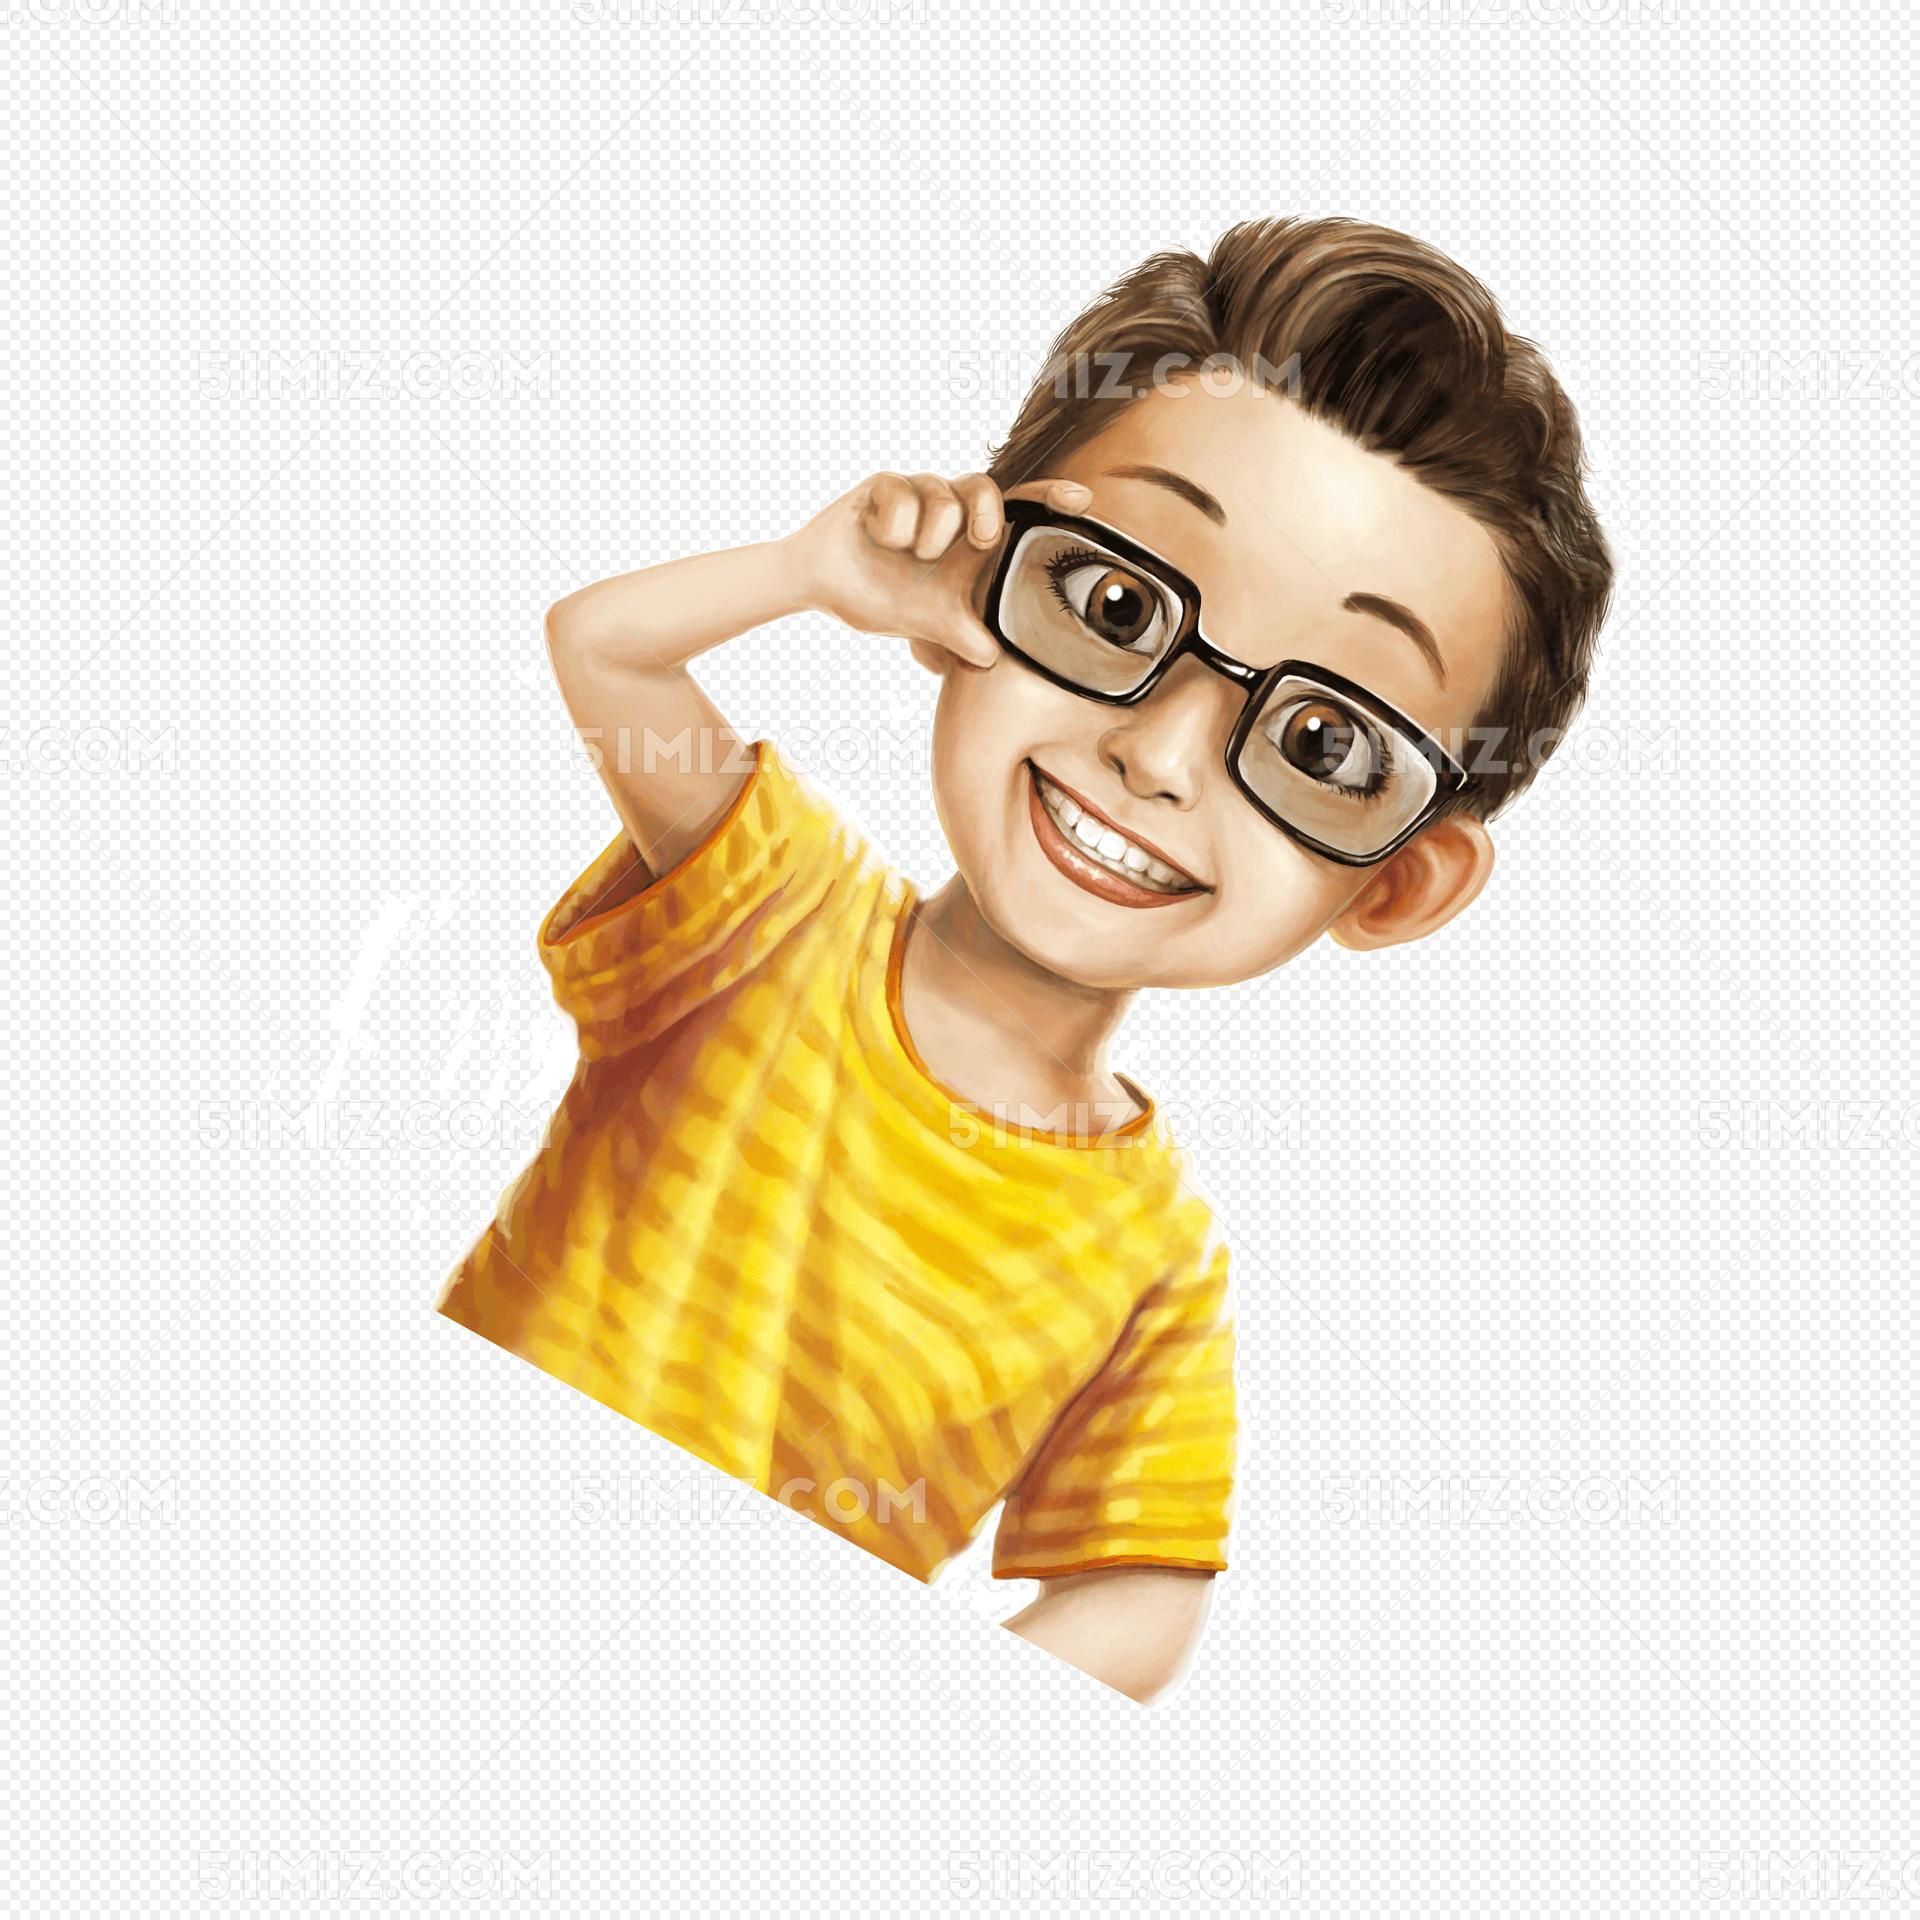 可爱手绘戴眼镜的学生